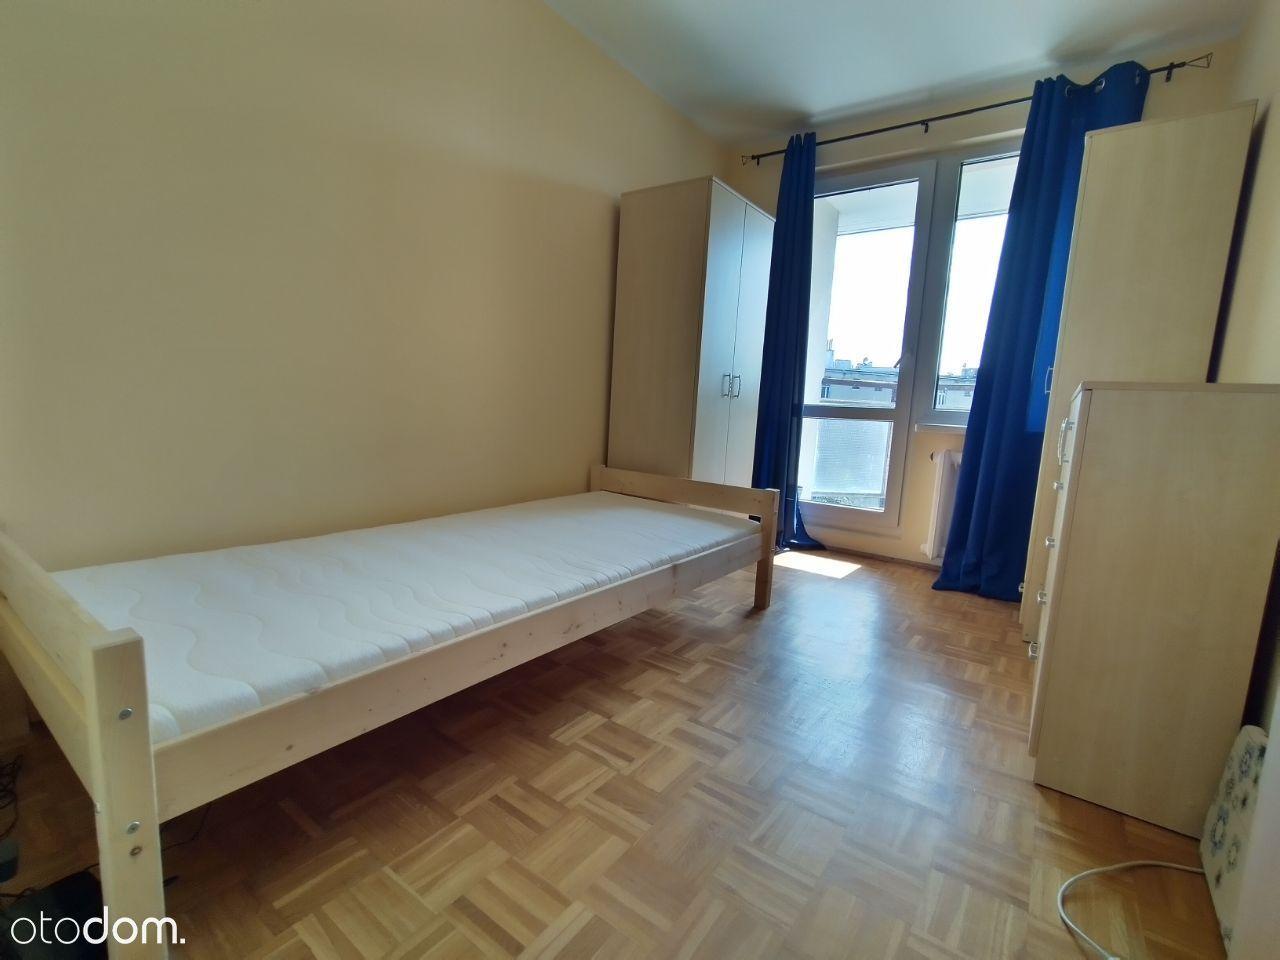 Pokój jednoosobowy z balkonem ul. Długa Wrocław,